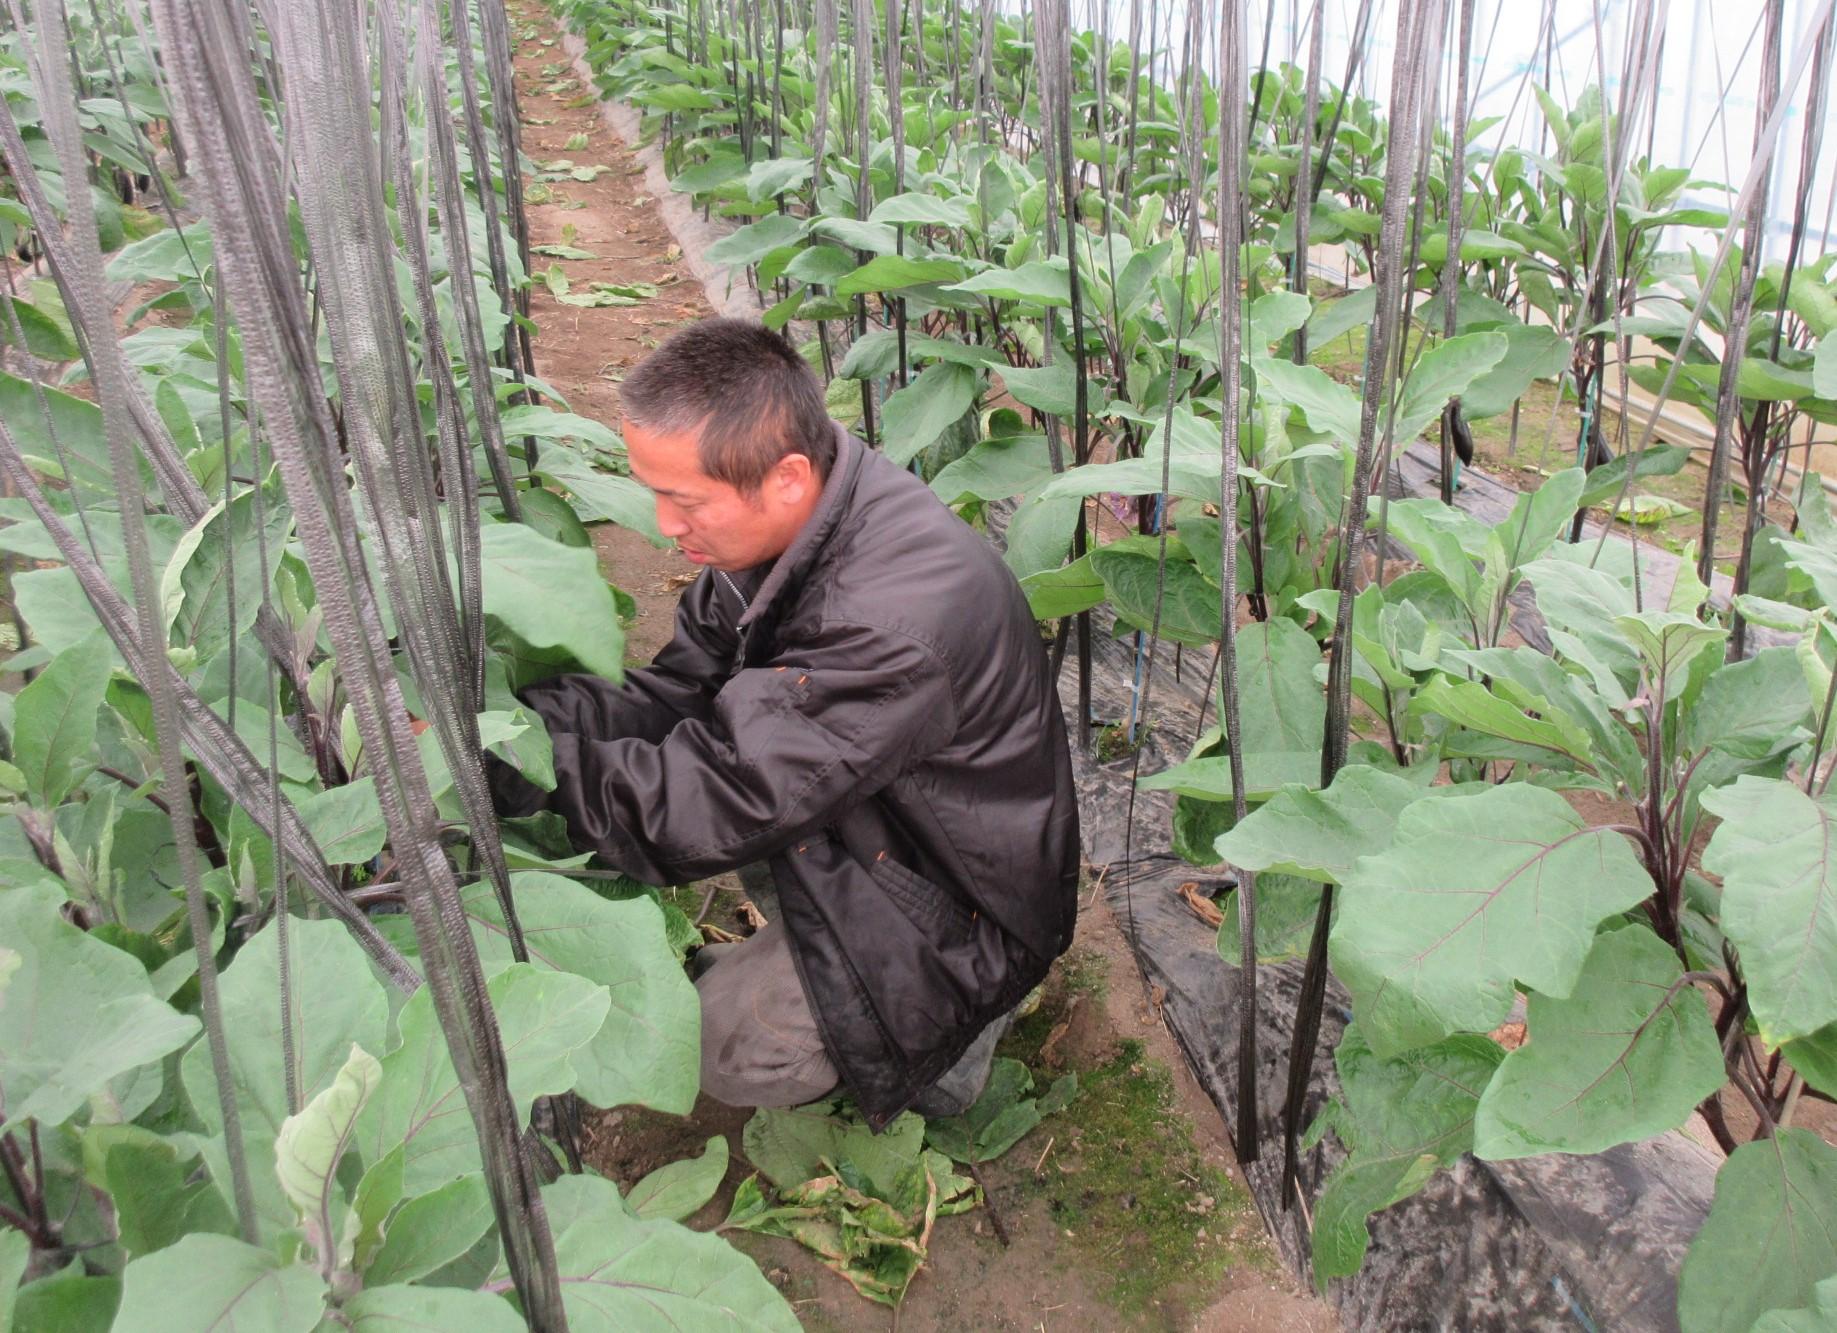 若手農業者のリーダー的存在|大阪府富田林市